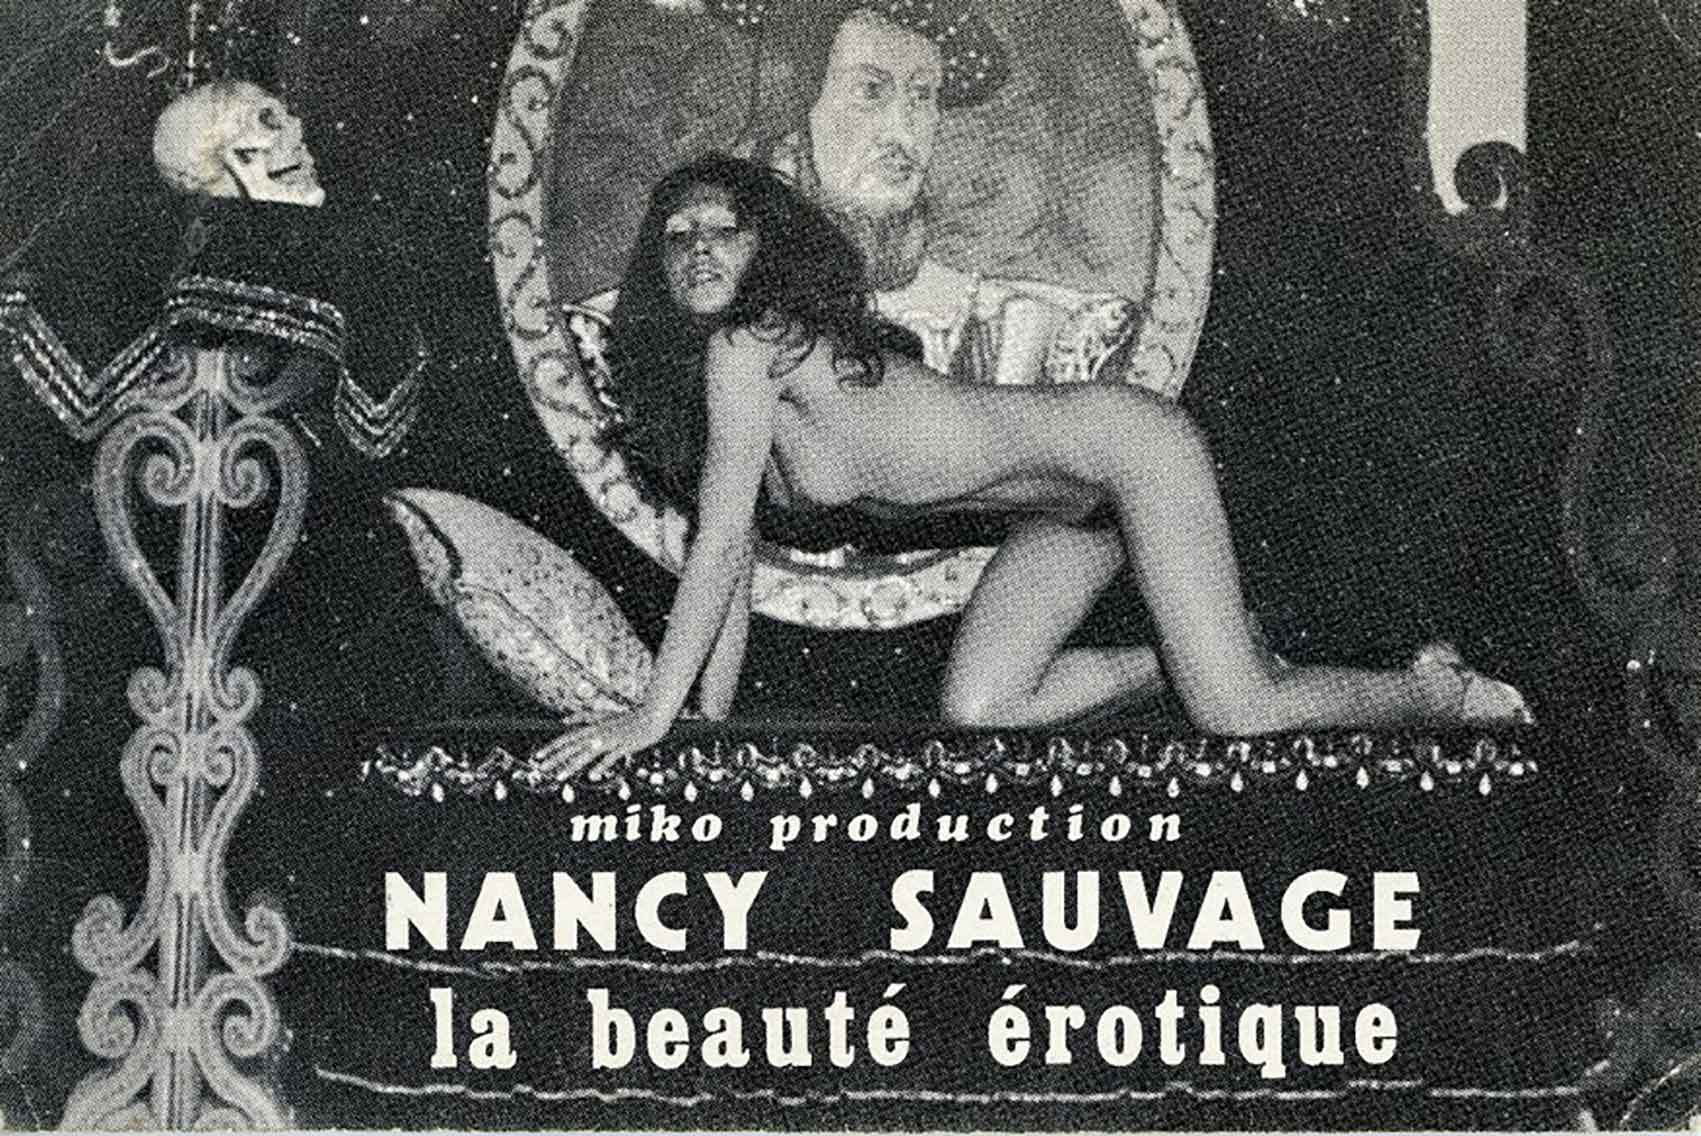 ננסי-שניידר-במופע-סטרפטיז-שנות-השבעים-אוסף-ננסי-שניידר-צלם-לא-ידוע